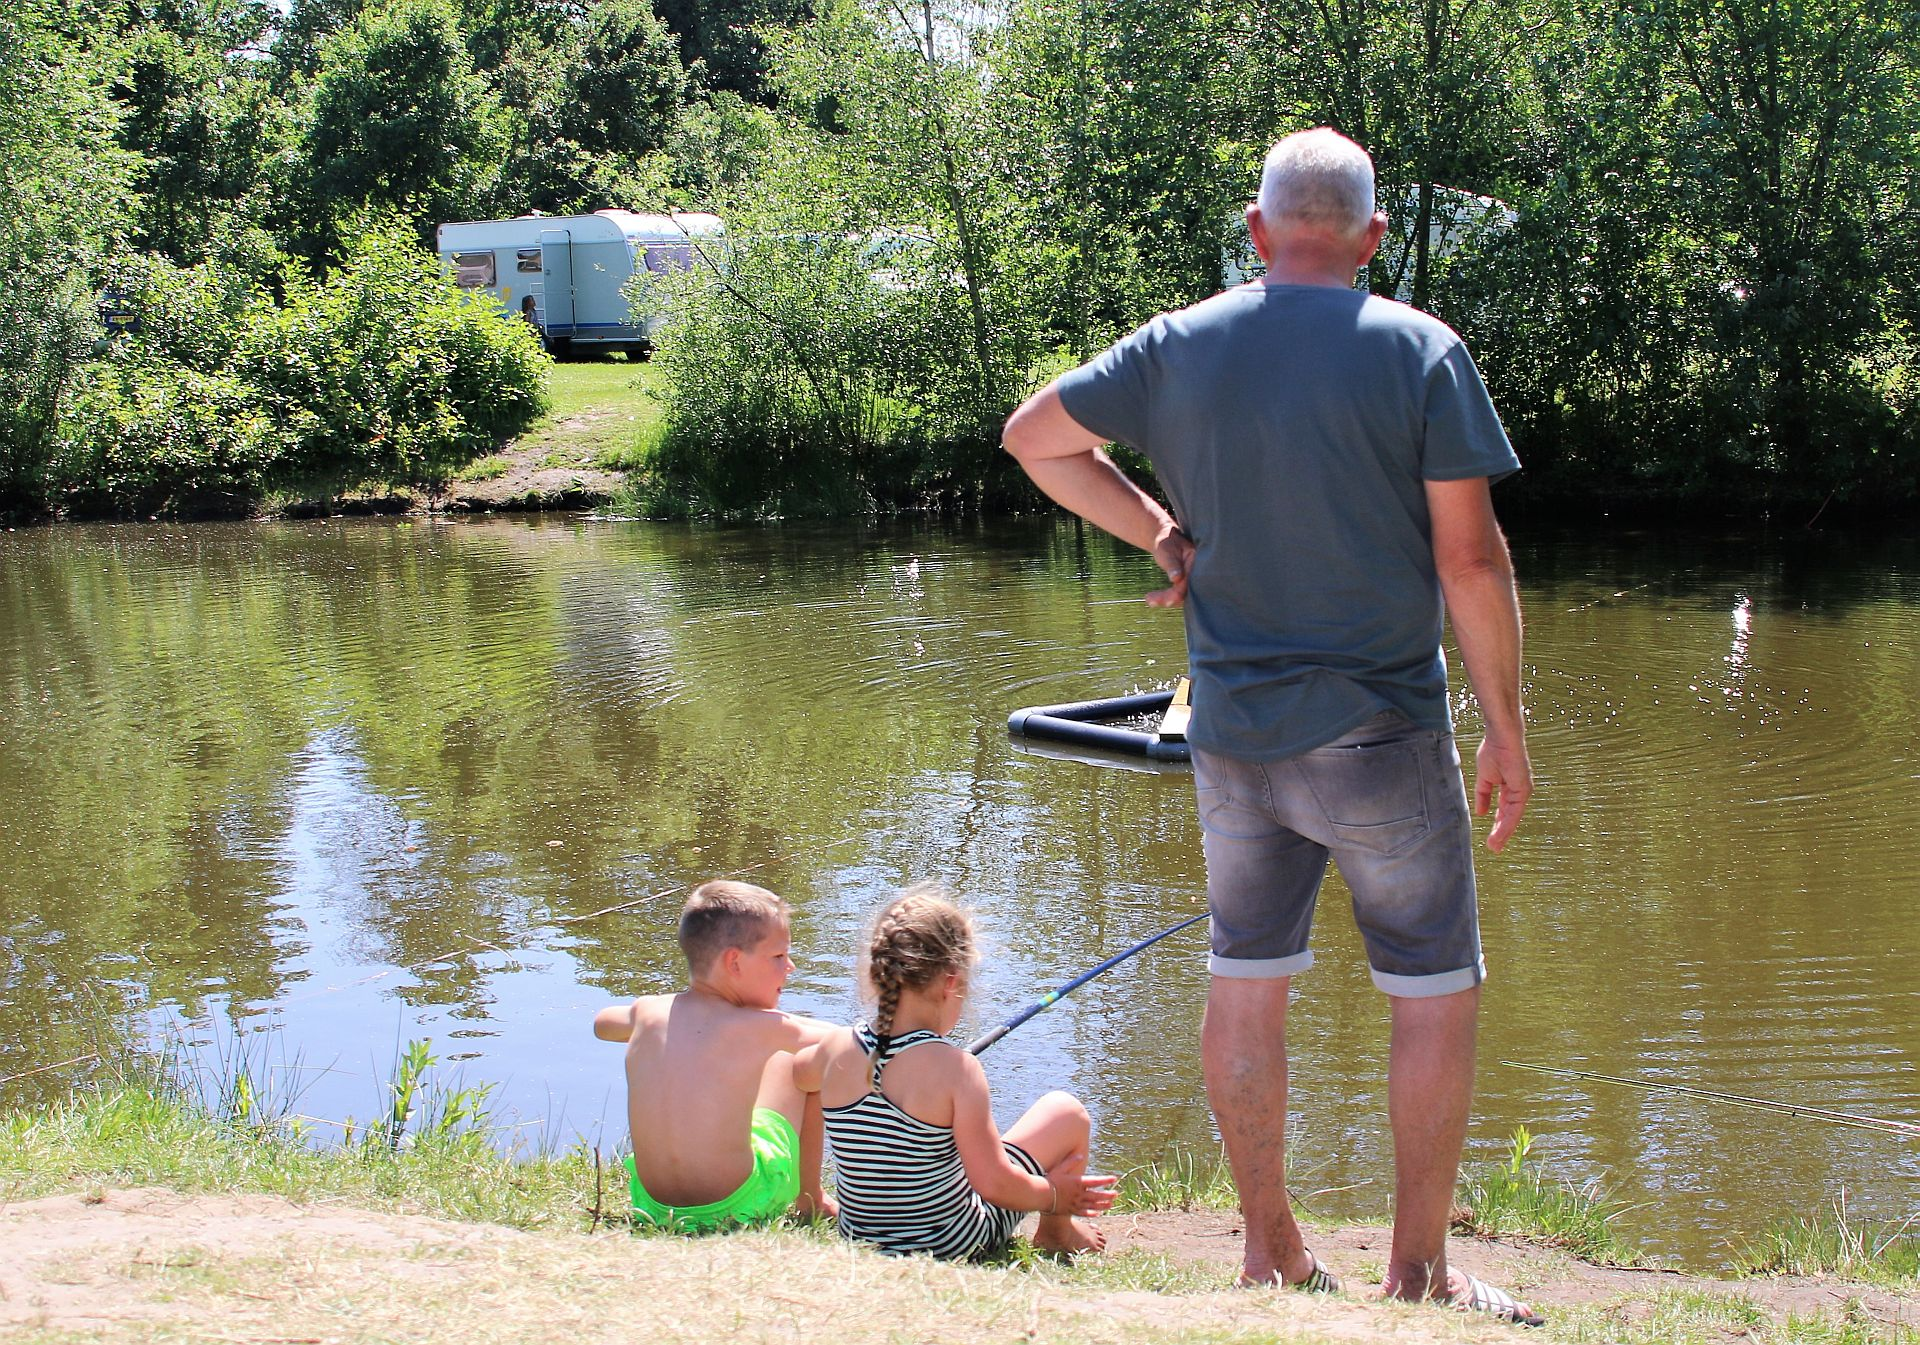 Vakantiepark met visvijver - Vakantiepark met visvijver